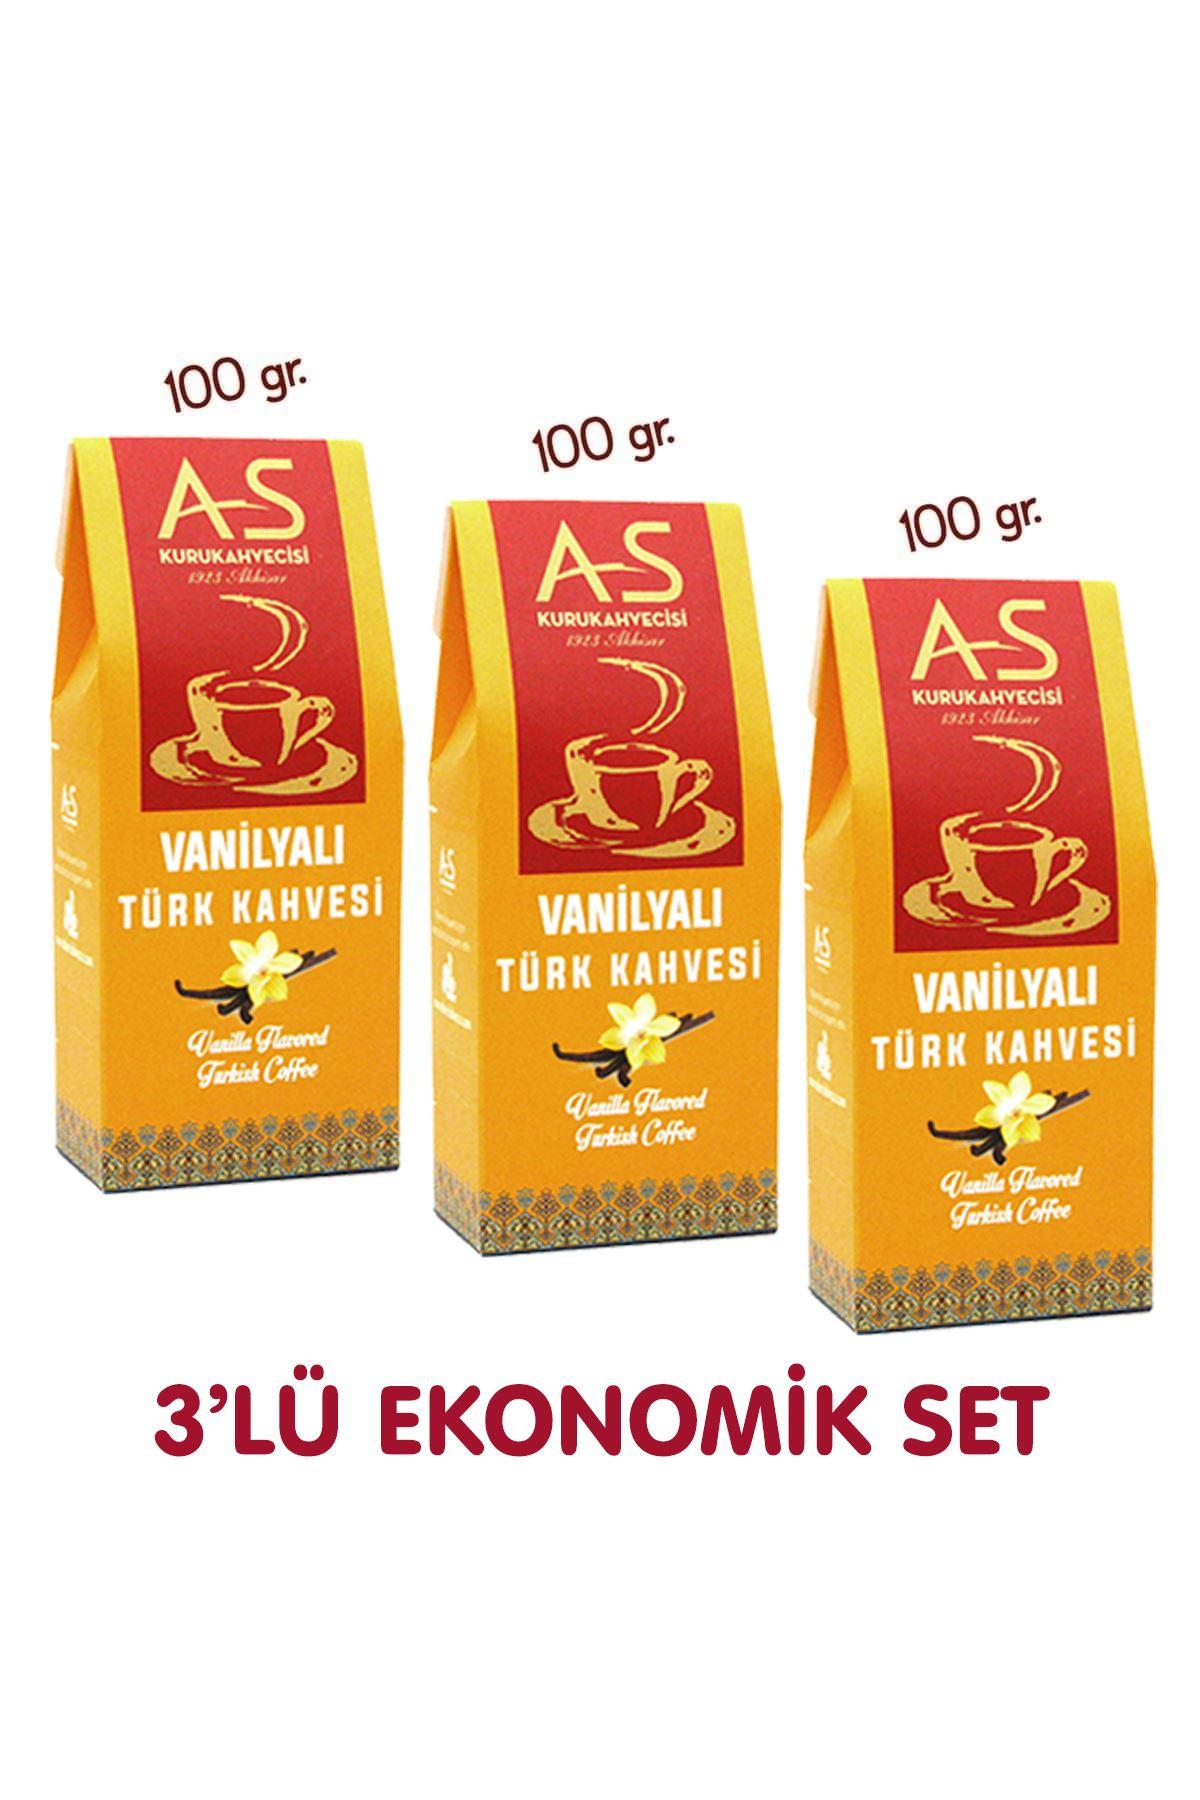 3'lü Vanilyalı Türk Kahvesi Ekonomik Set